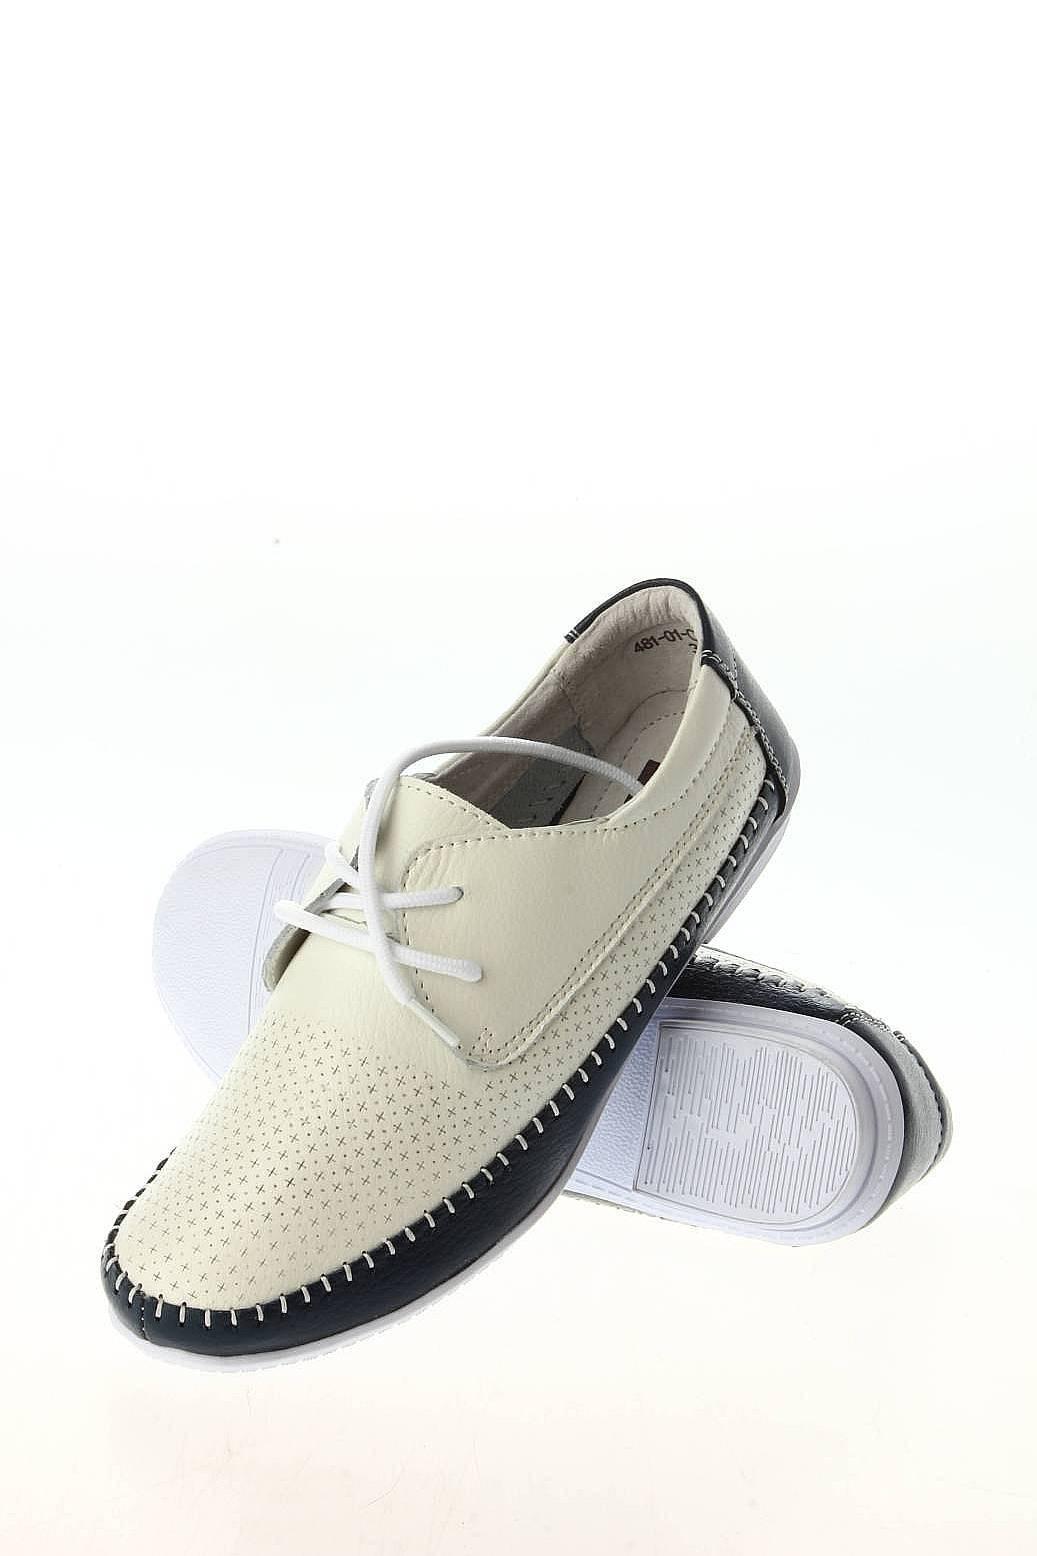 Мужская Обувь Детская Обувь Женская Обувь Ботинки: CS Обувь